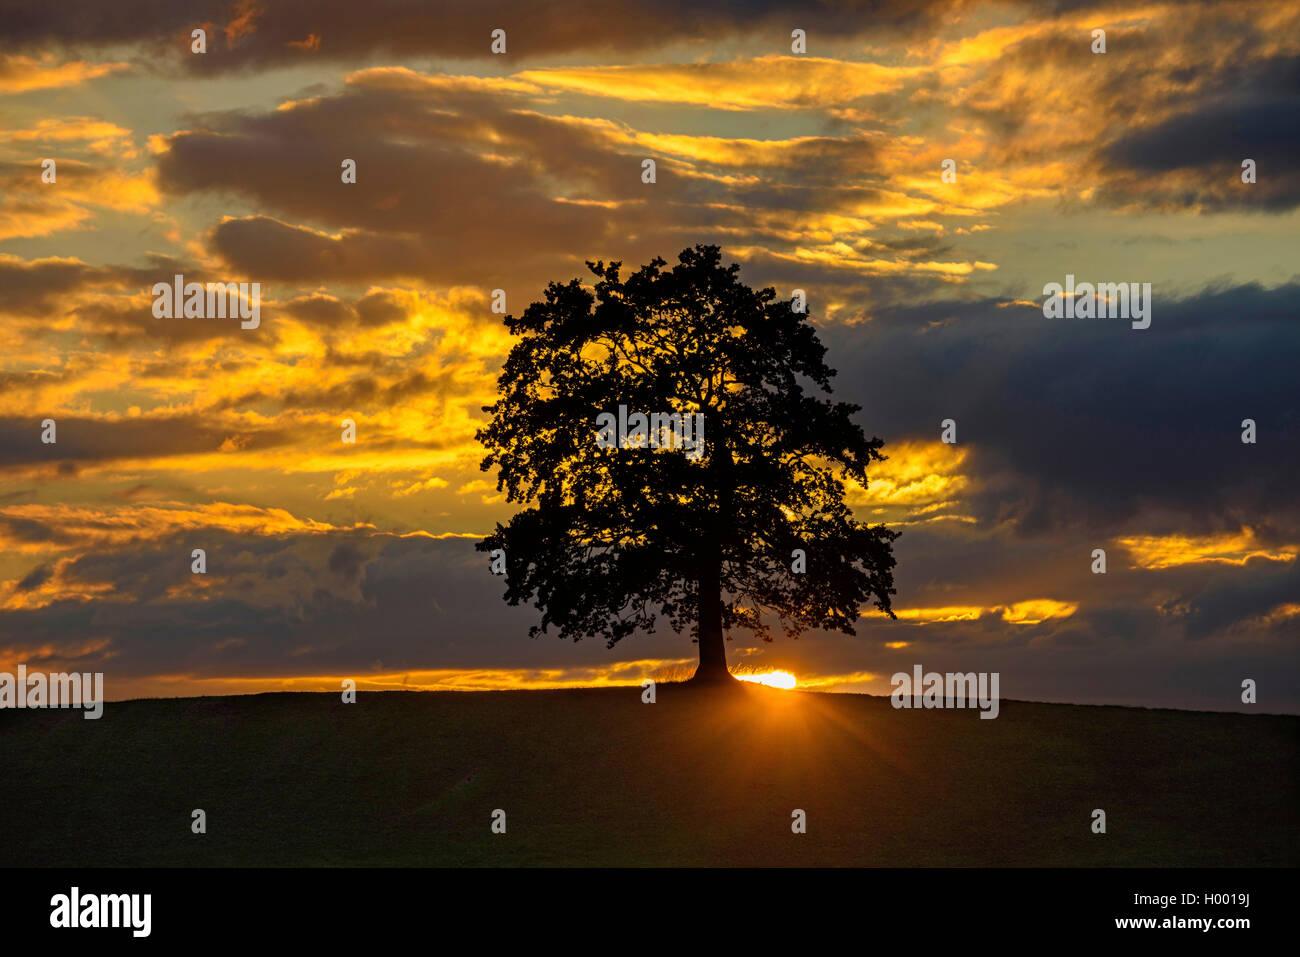 Baum vor leuchtenden Wolken bei Sonnenuntergang, Deutschland, Bayern, Allgaeu   tree at sunset, Germany, Bavaria, - Stock Image